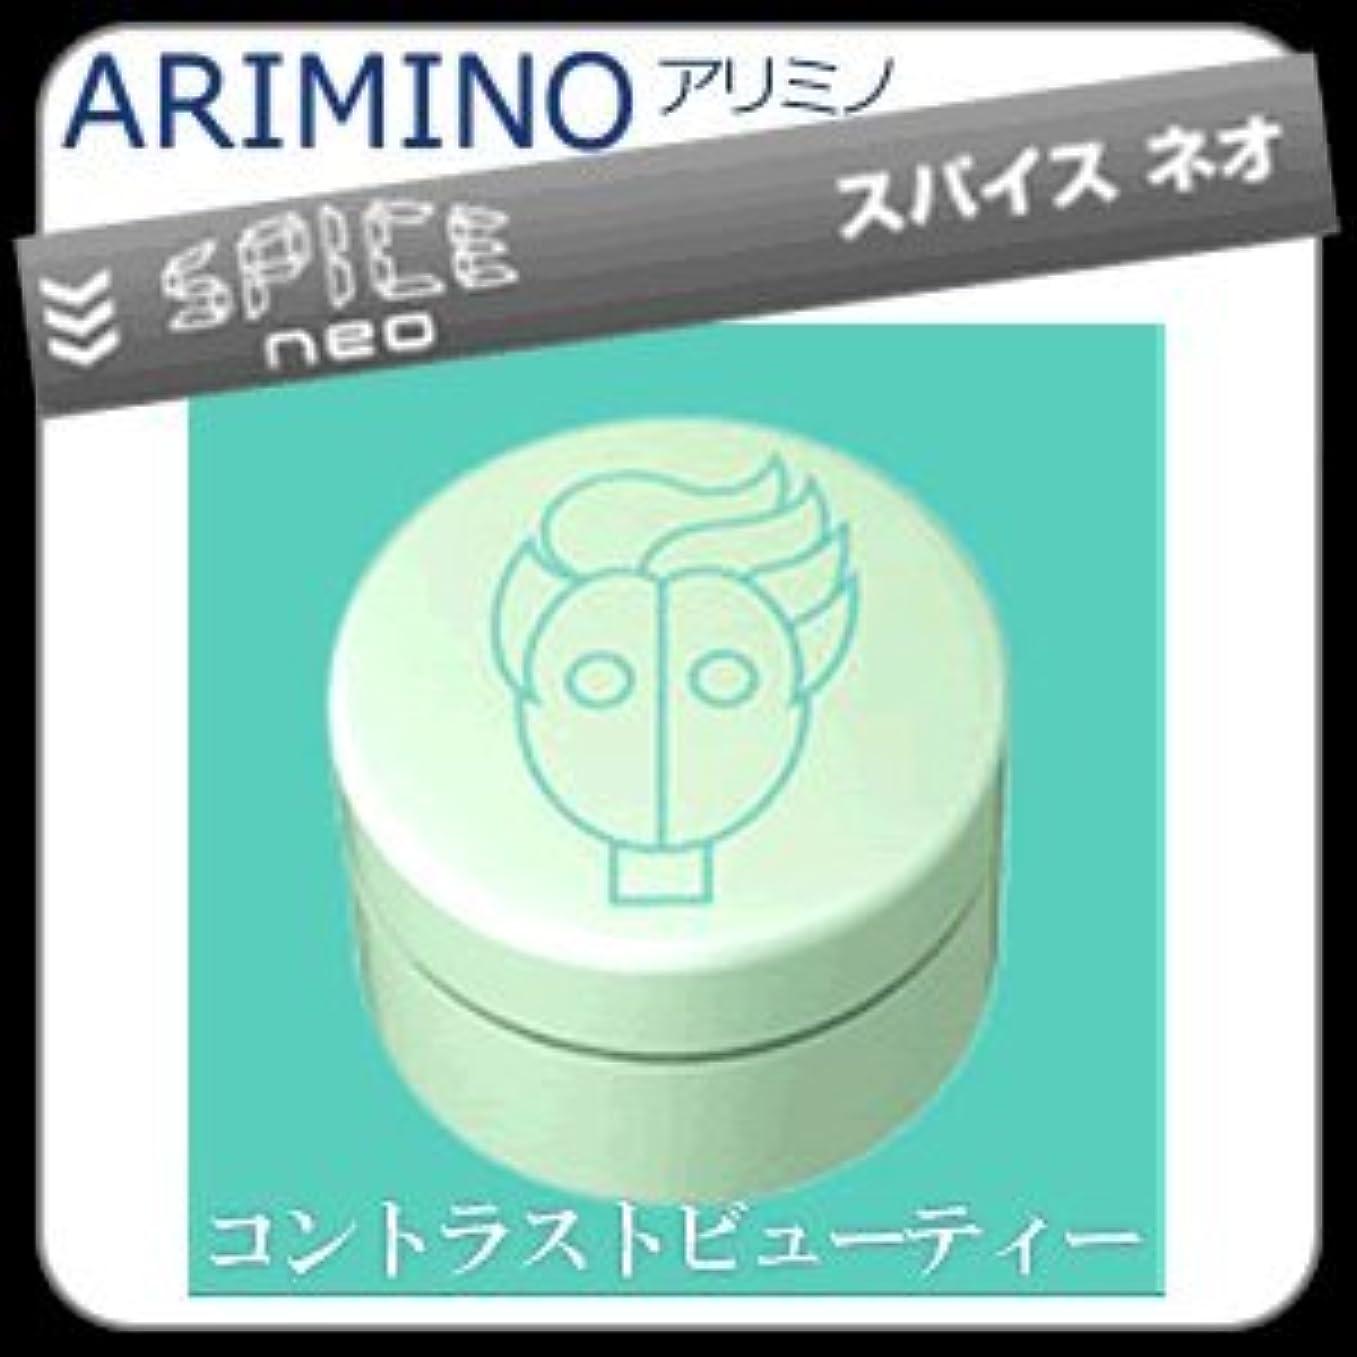 バンド宣言する今後【X2個セット】 アリミノ スパイスネオ GREASE-WAX グリースワックス 100g ARIMINO SPICE neo